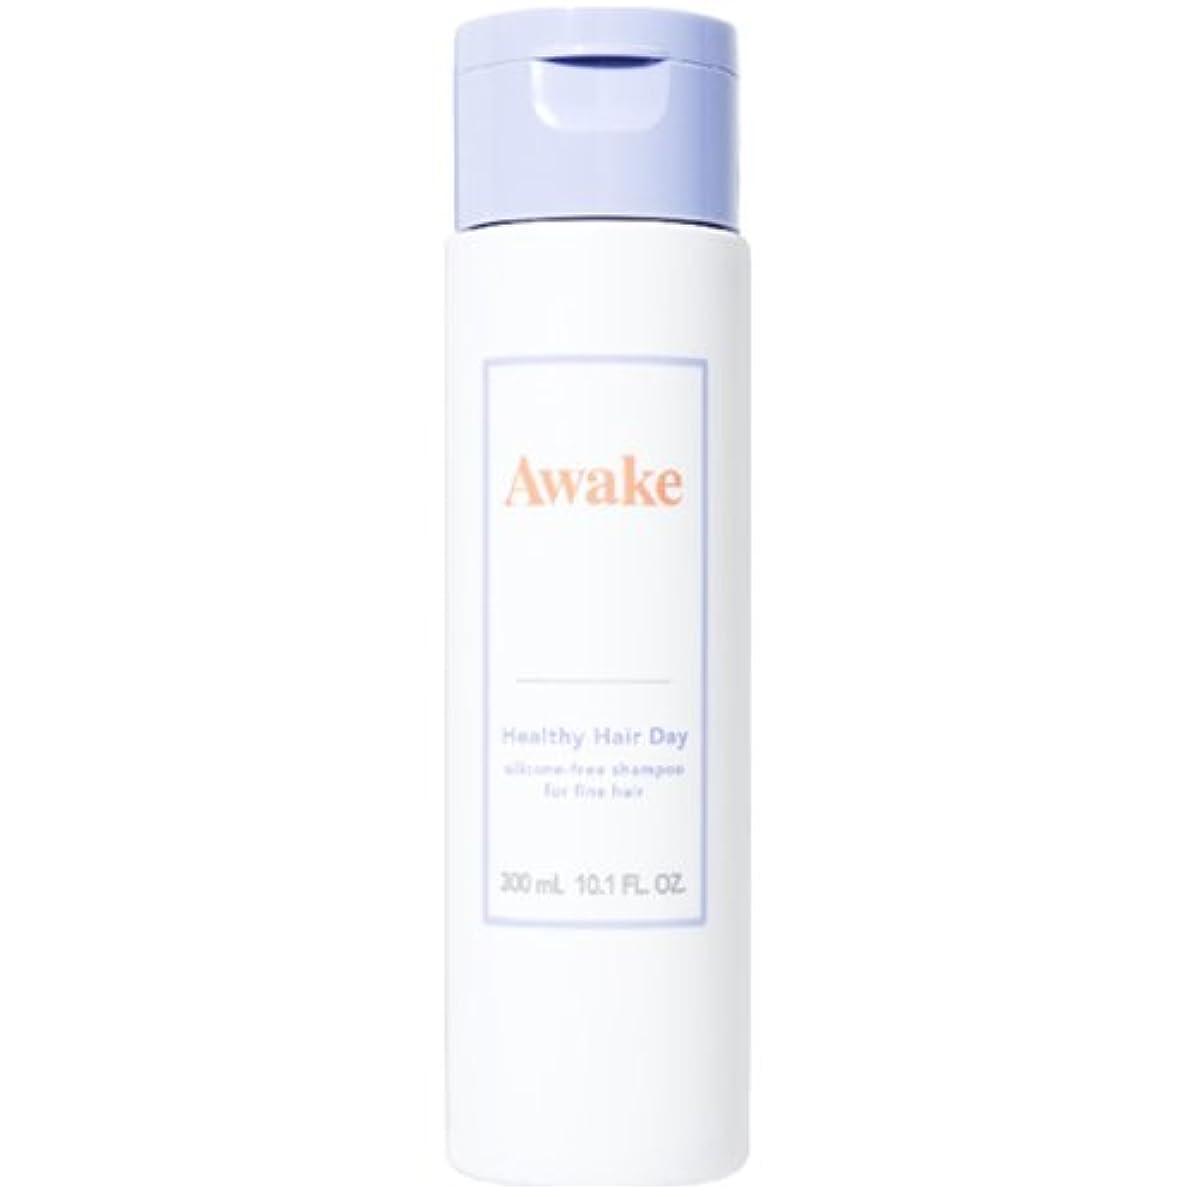 動かないイヤホン文芸アウェイク(AWAKE) Awake(アウェイク) ヘルシーヘアデイ シリコーンフリー ヘアシャンプー ハリコシアップヘア用 (300mL)